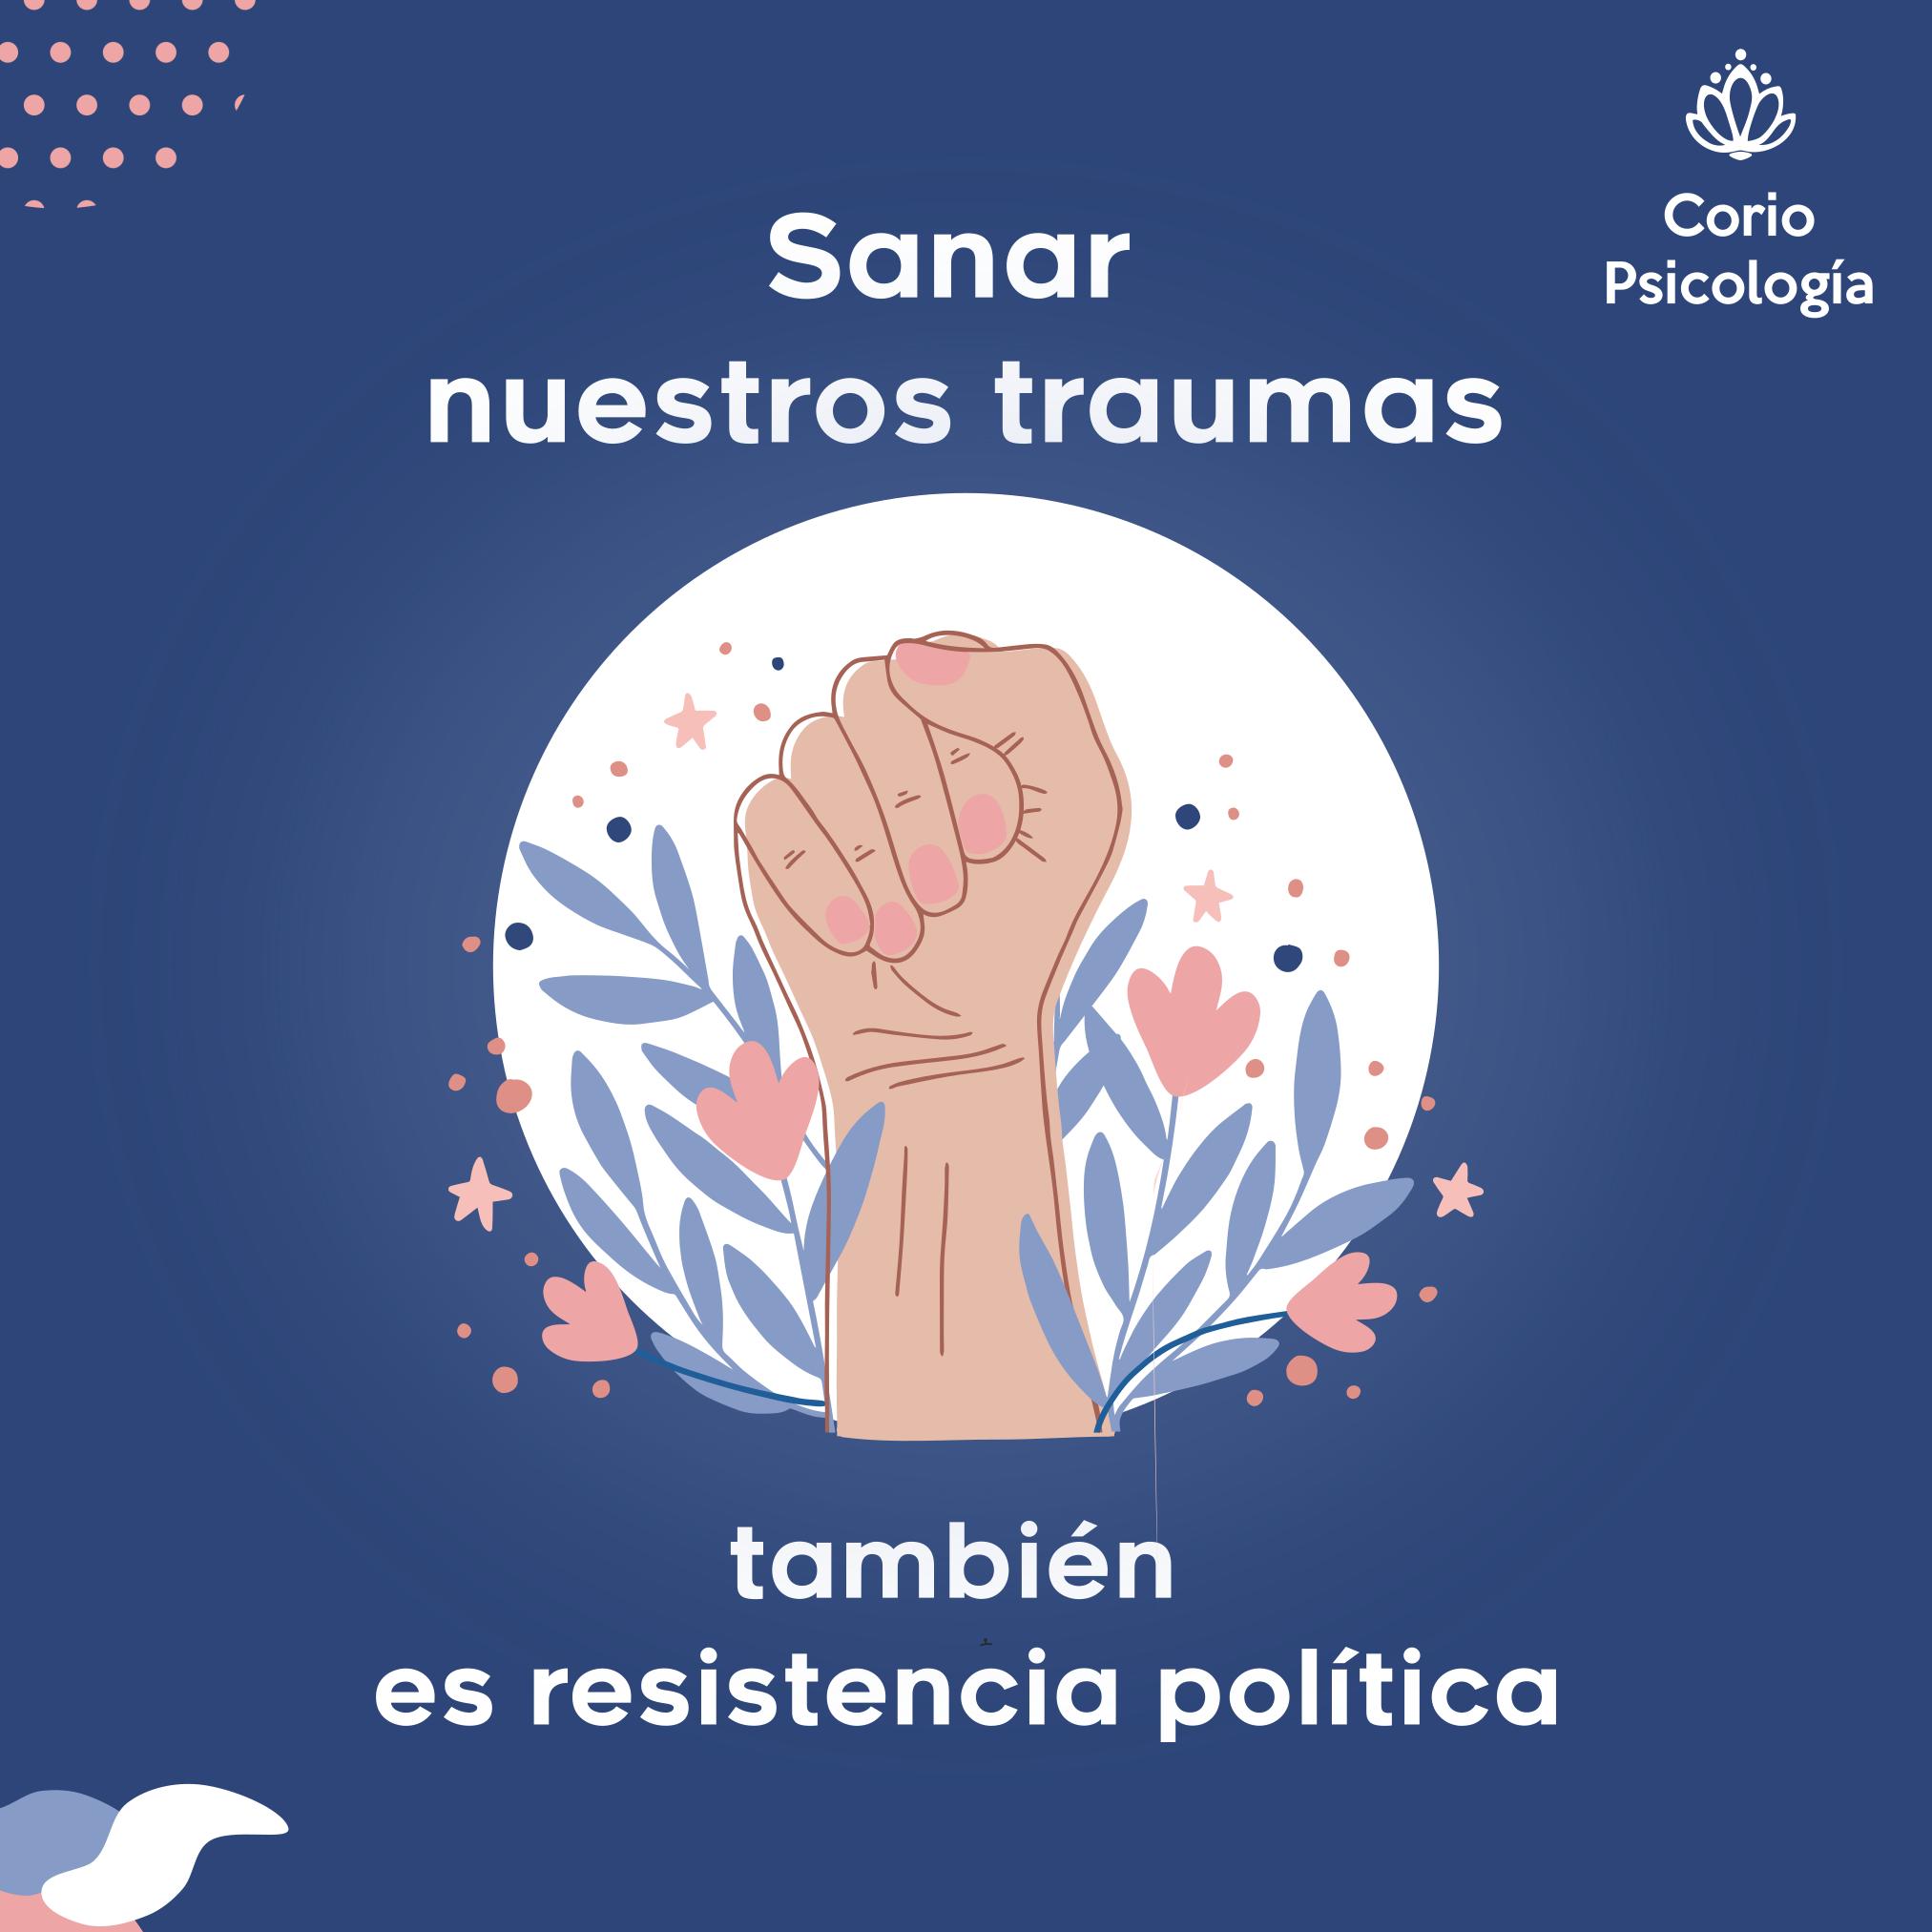 Sanar traumas es resistencia política